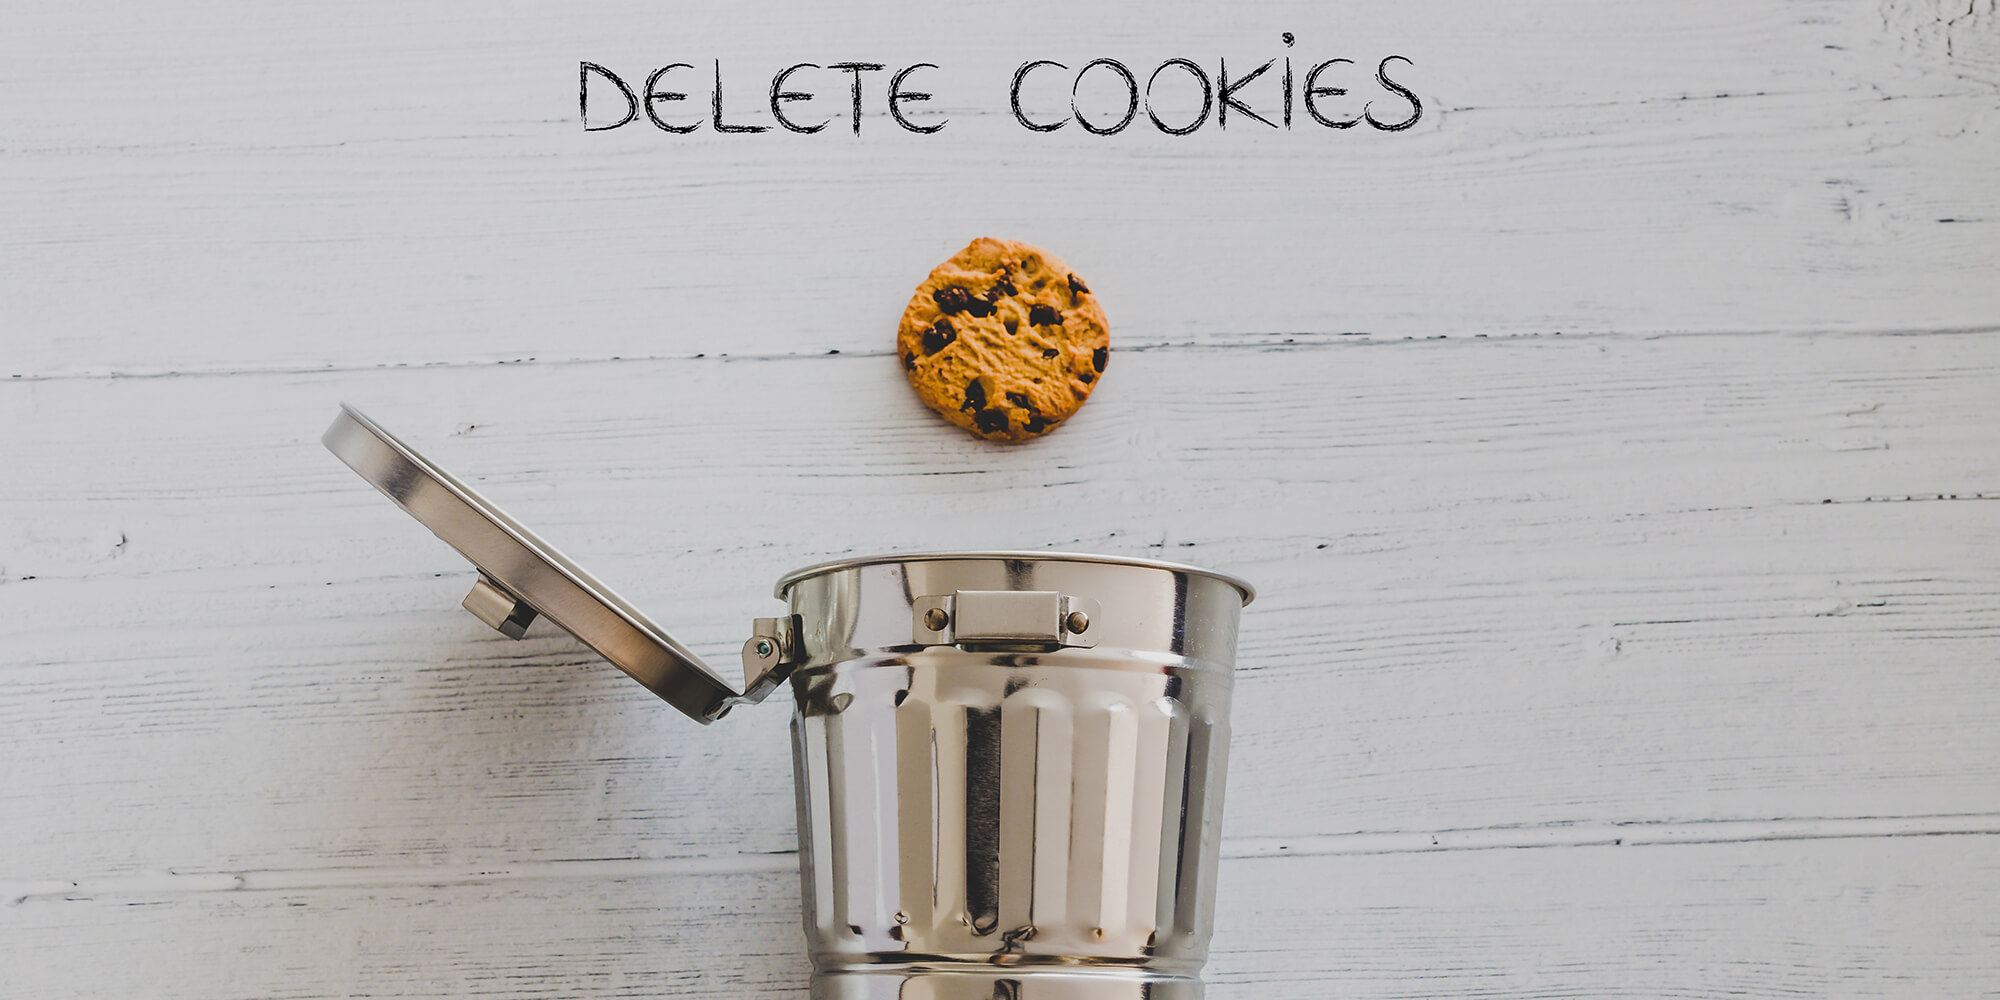 Online-Kunden ohne Kekse